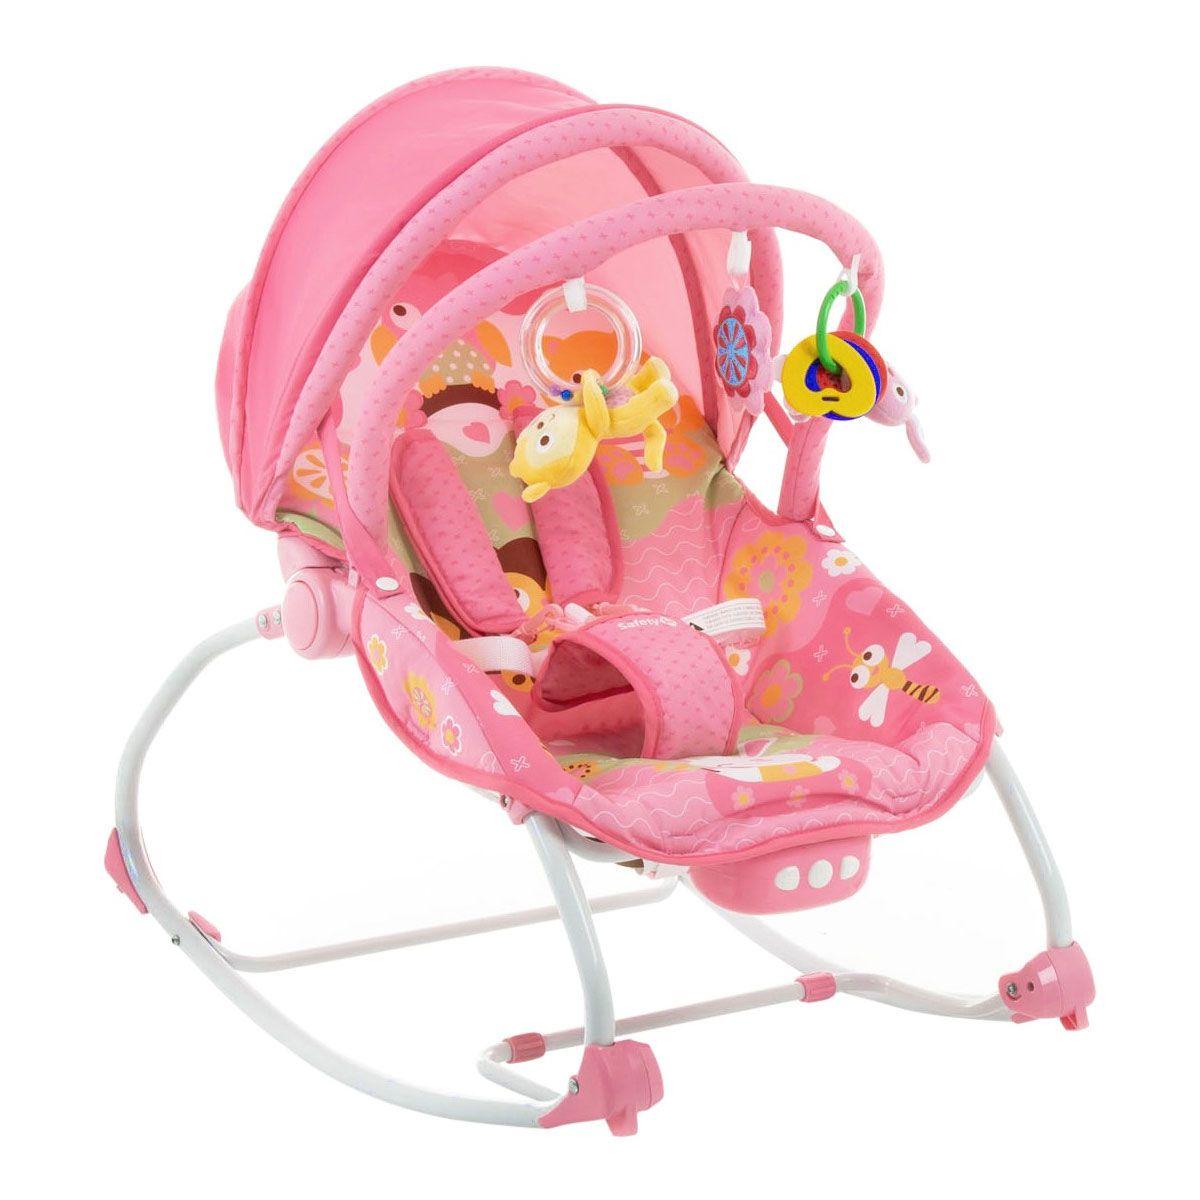 Cadeira Descanso Bebê Musical e Vibratória Sunshine Rosa - Safety 1st